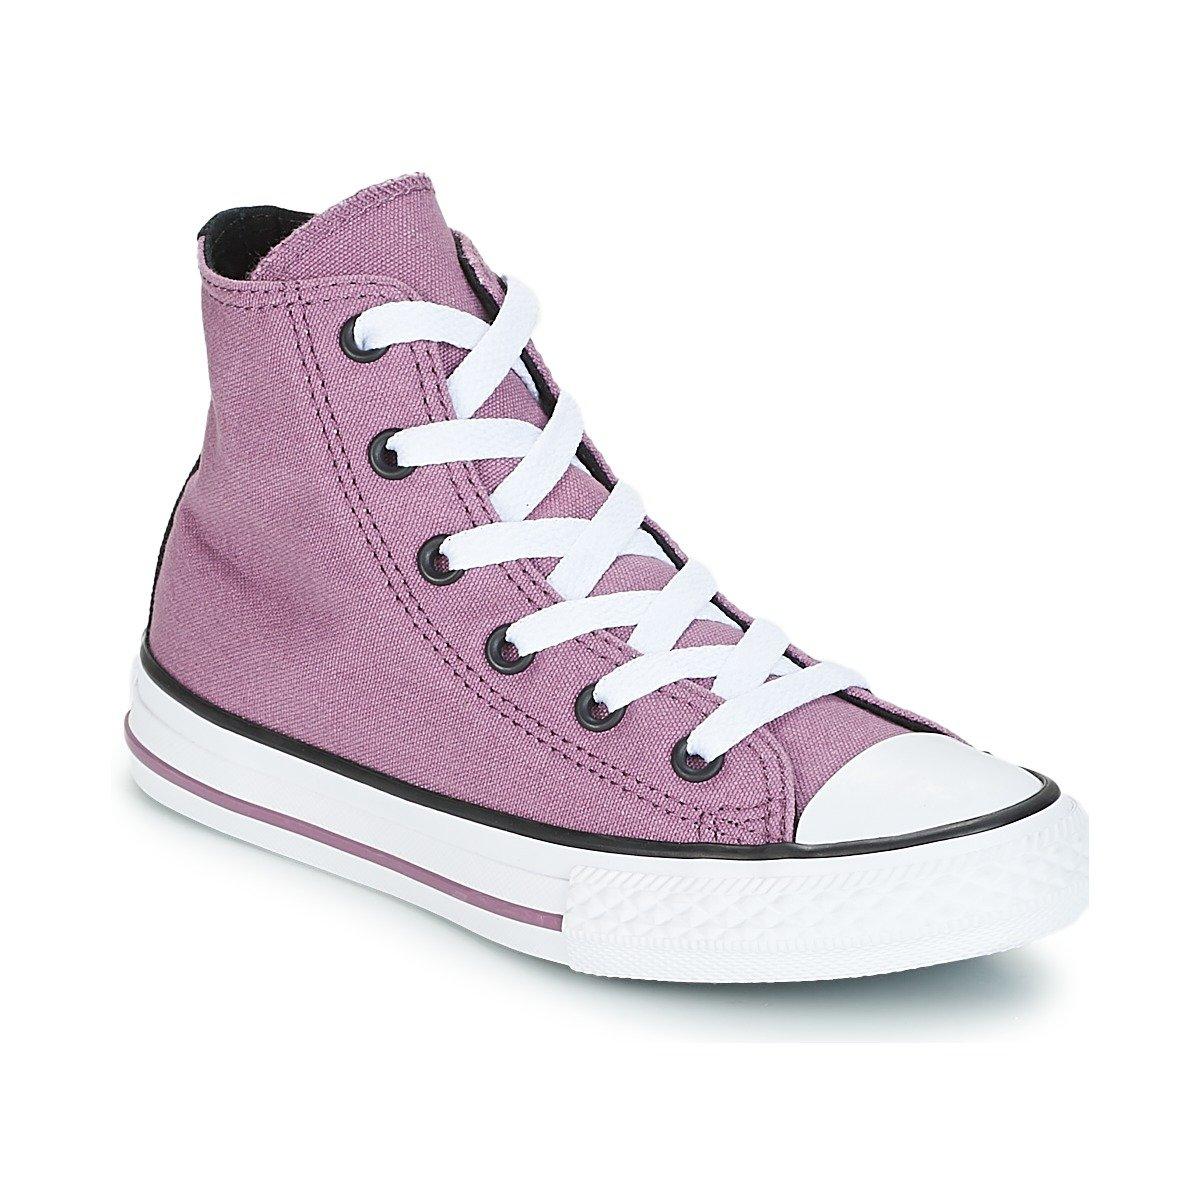 MultiCouleure (Violet Dust noir blanc 599) Converse CTAS Hi, Chaussures de Fitness Mixte Enfant 31 EU